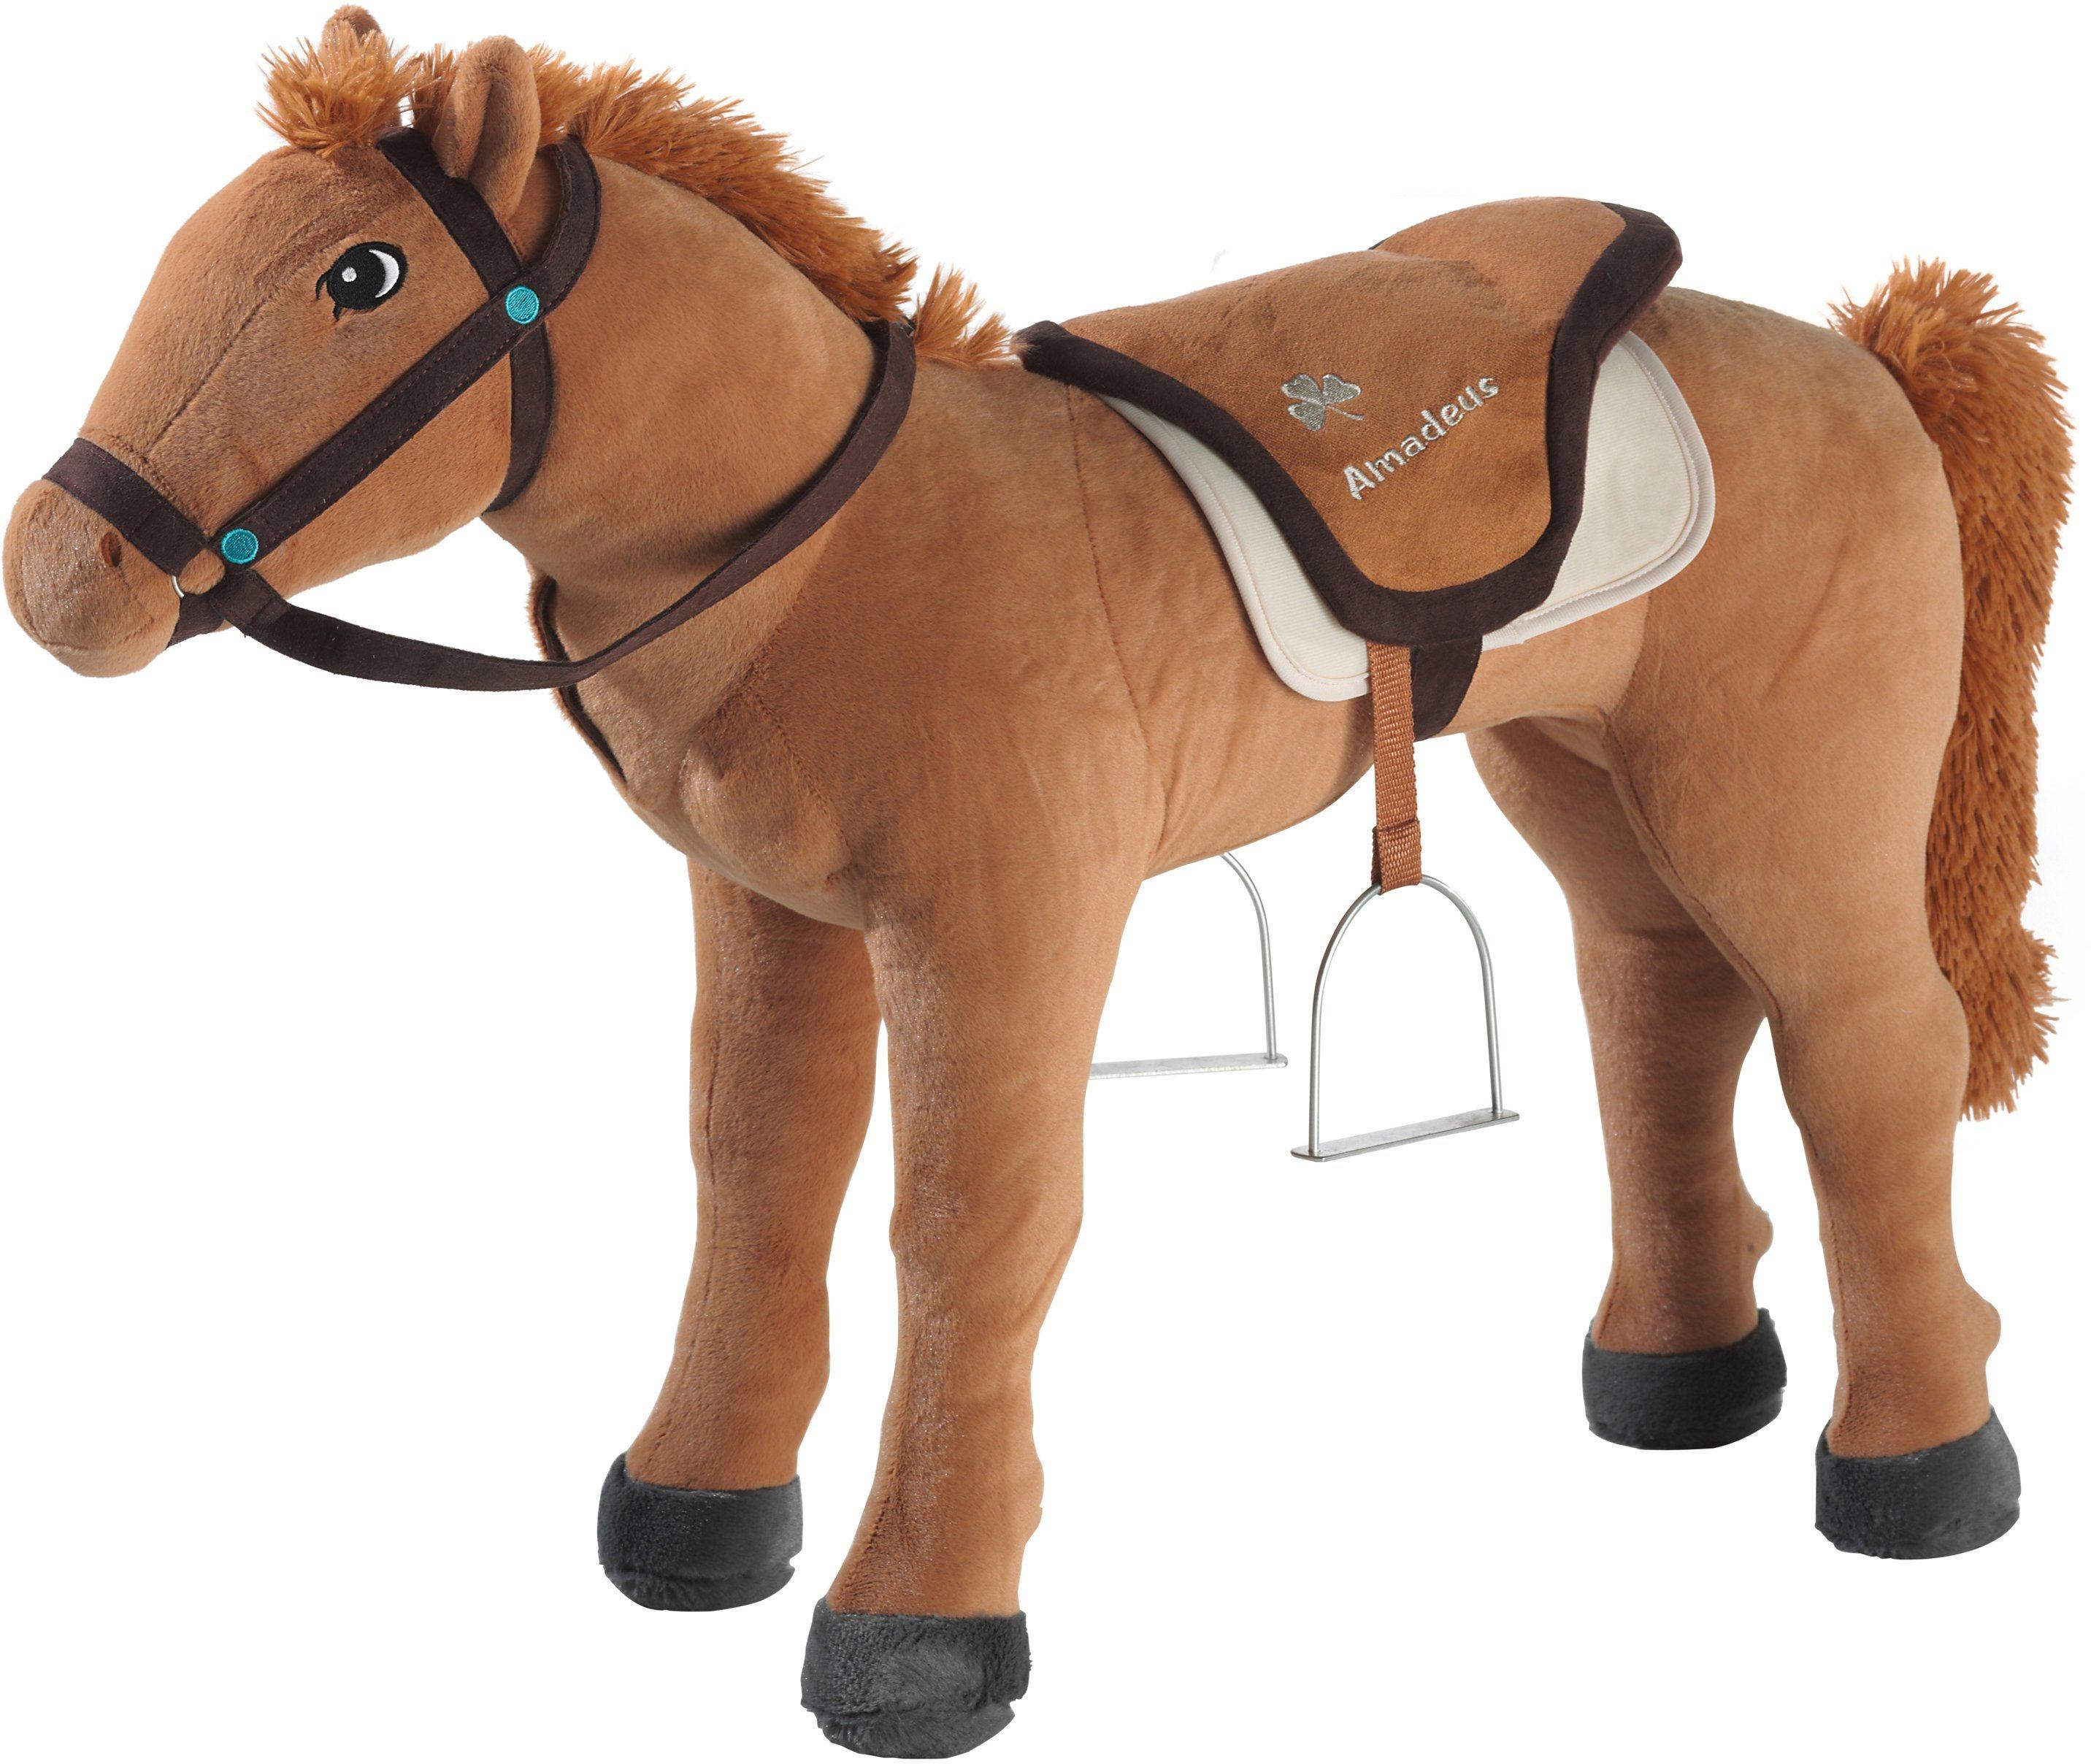 preisvergleich bibi tina pferd pl sch amadeus stehend 75 cm hoch willbilliger. Black Bedroom Furniture Sets. Home Design Ideas